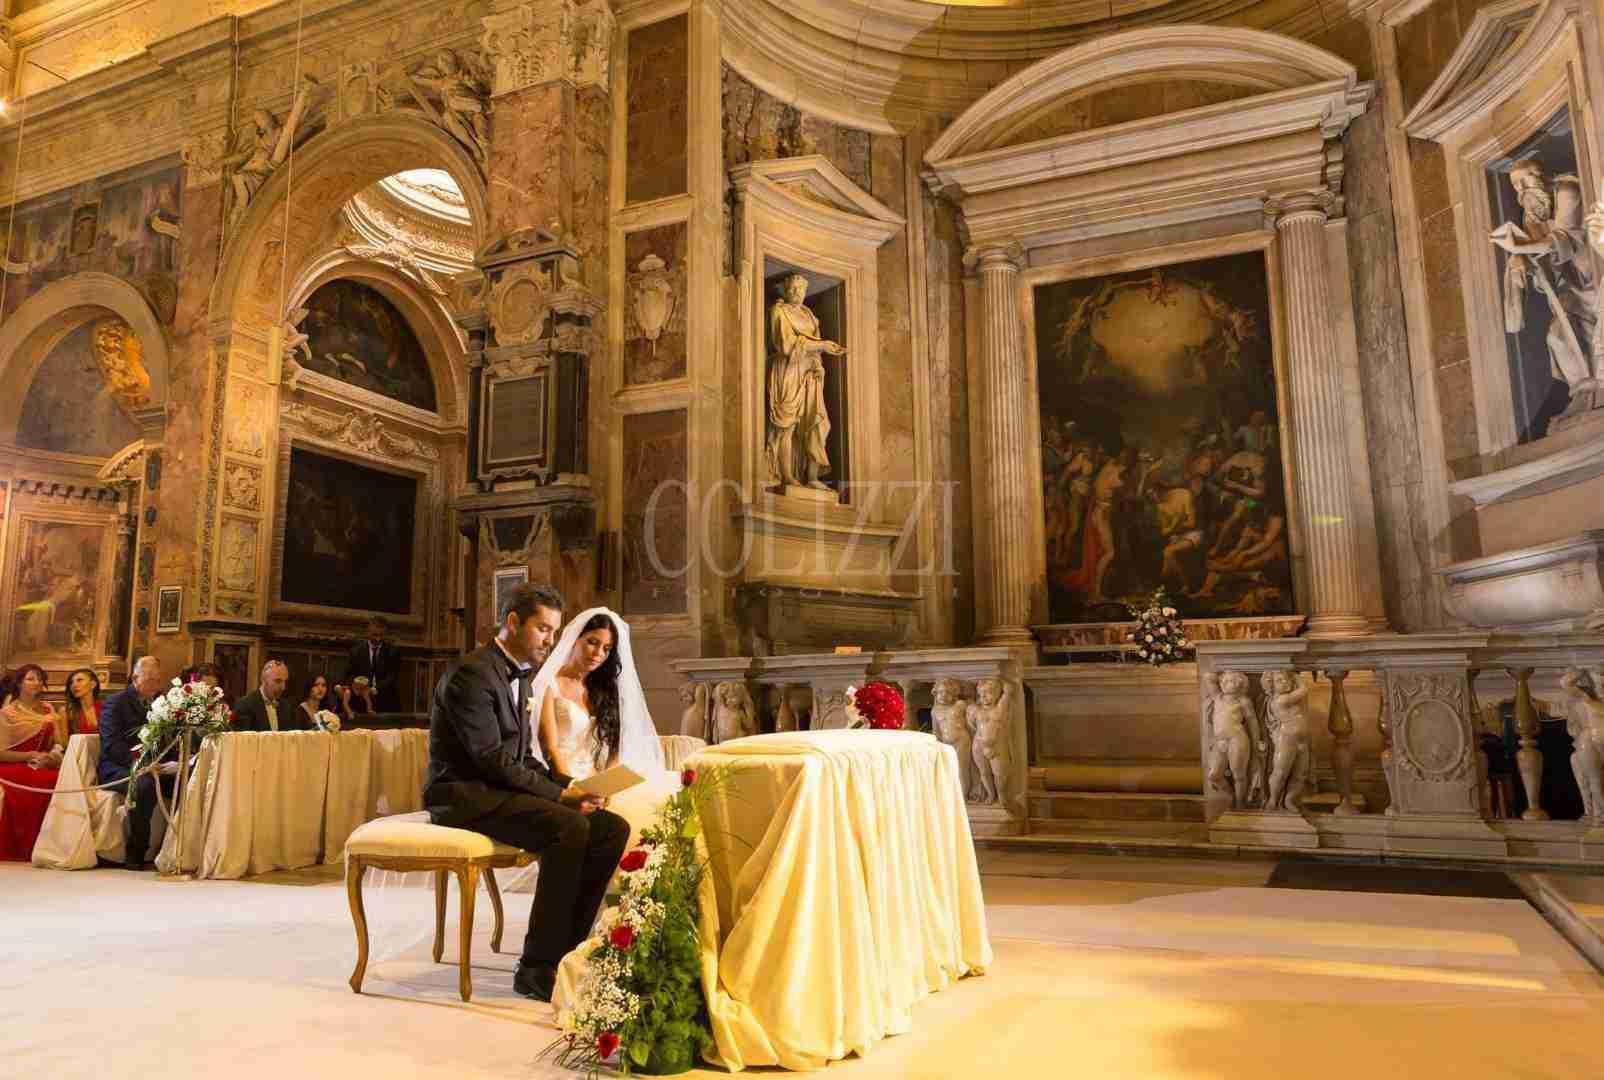 San Pietro in Montorio - Studio Fotografico Colizzi Roma